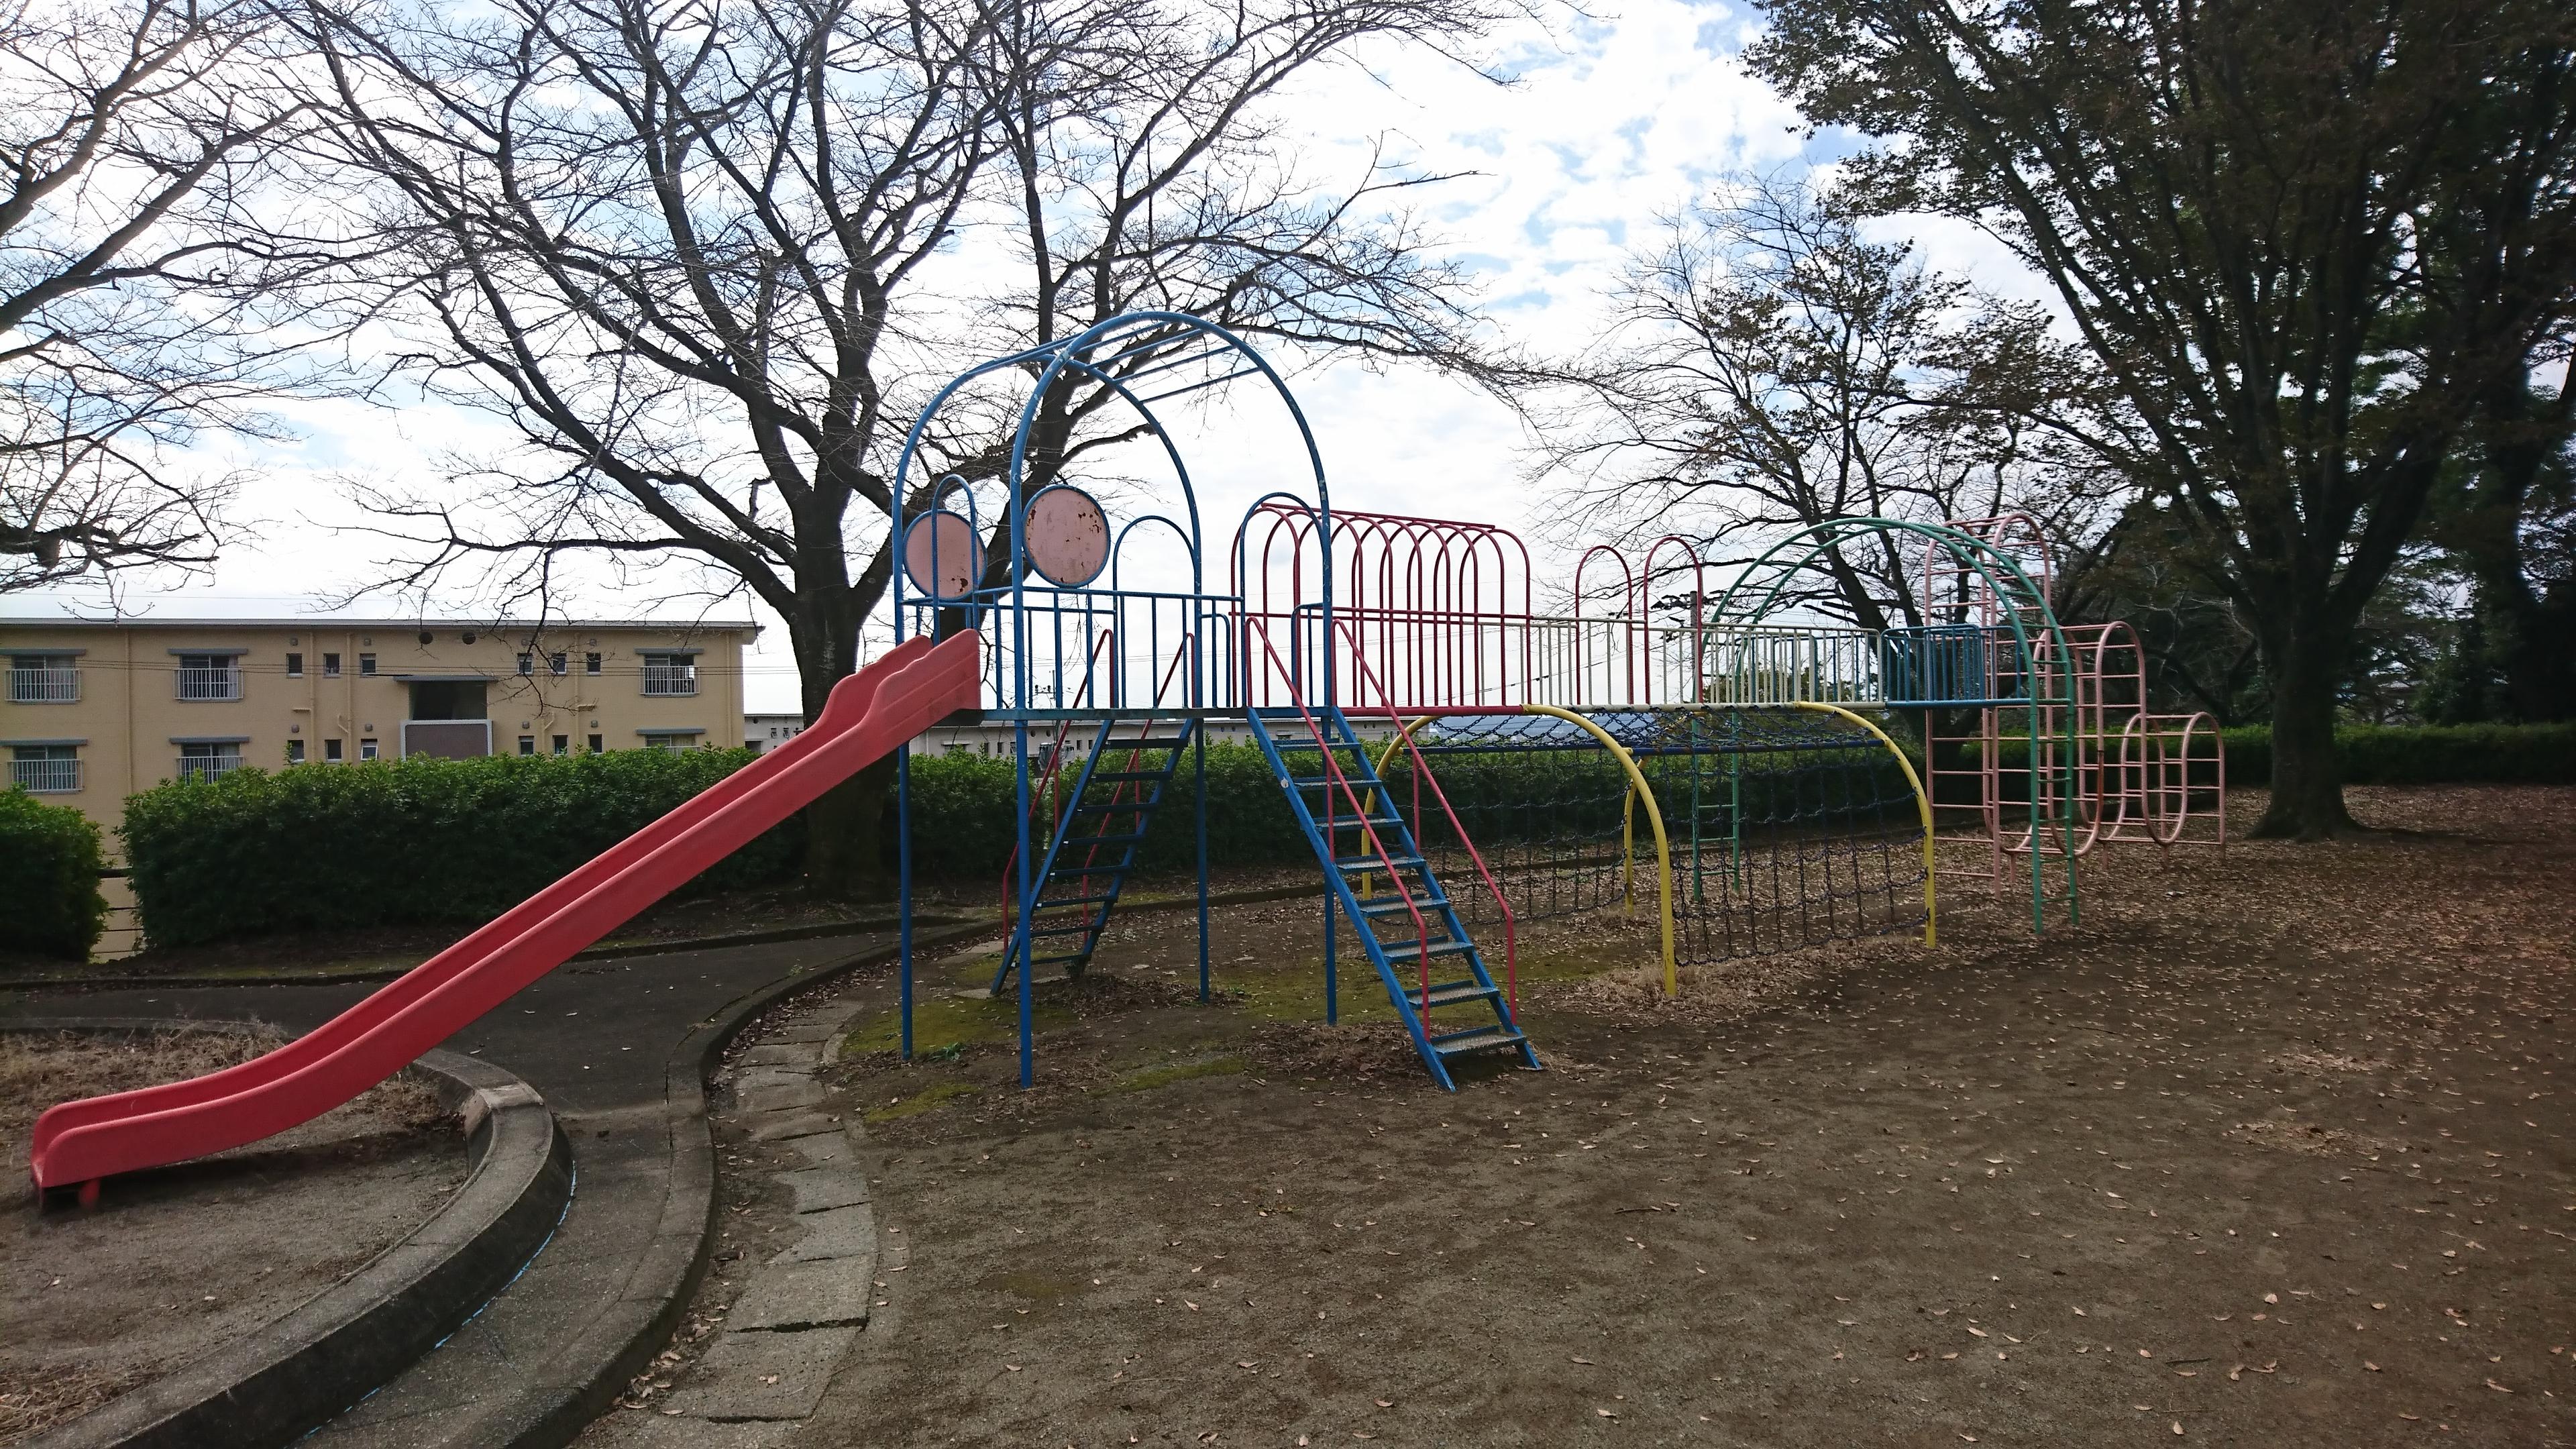 【昭和園】大津町、4万本のつつじが咲き乱れる公園に行った